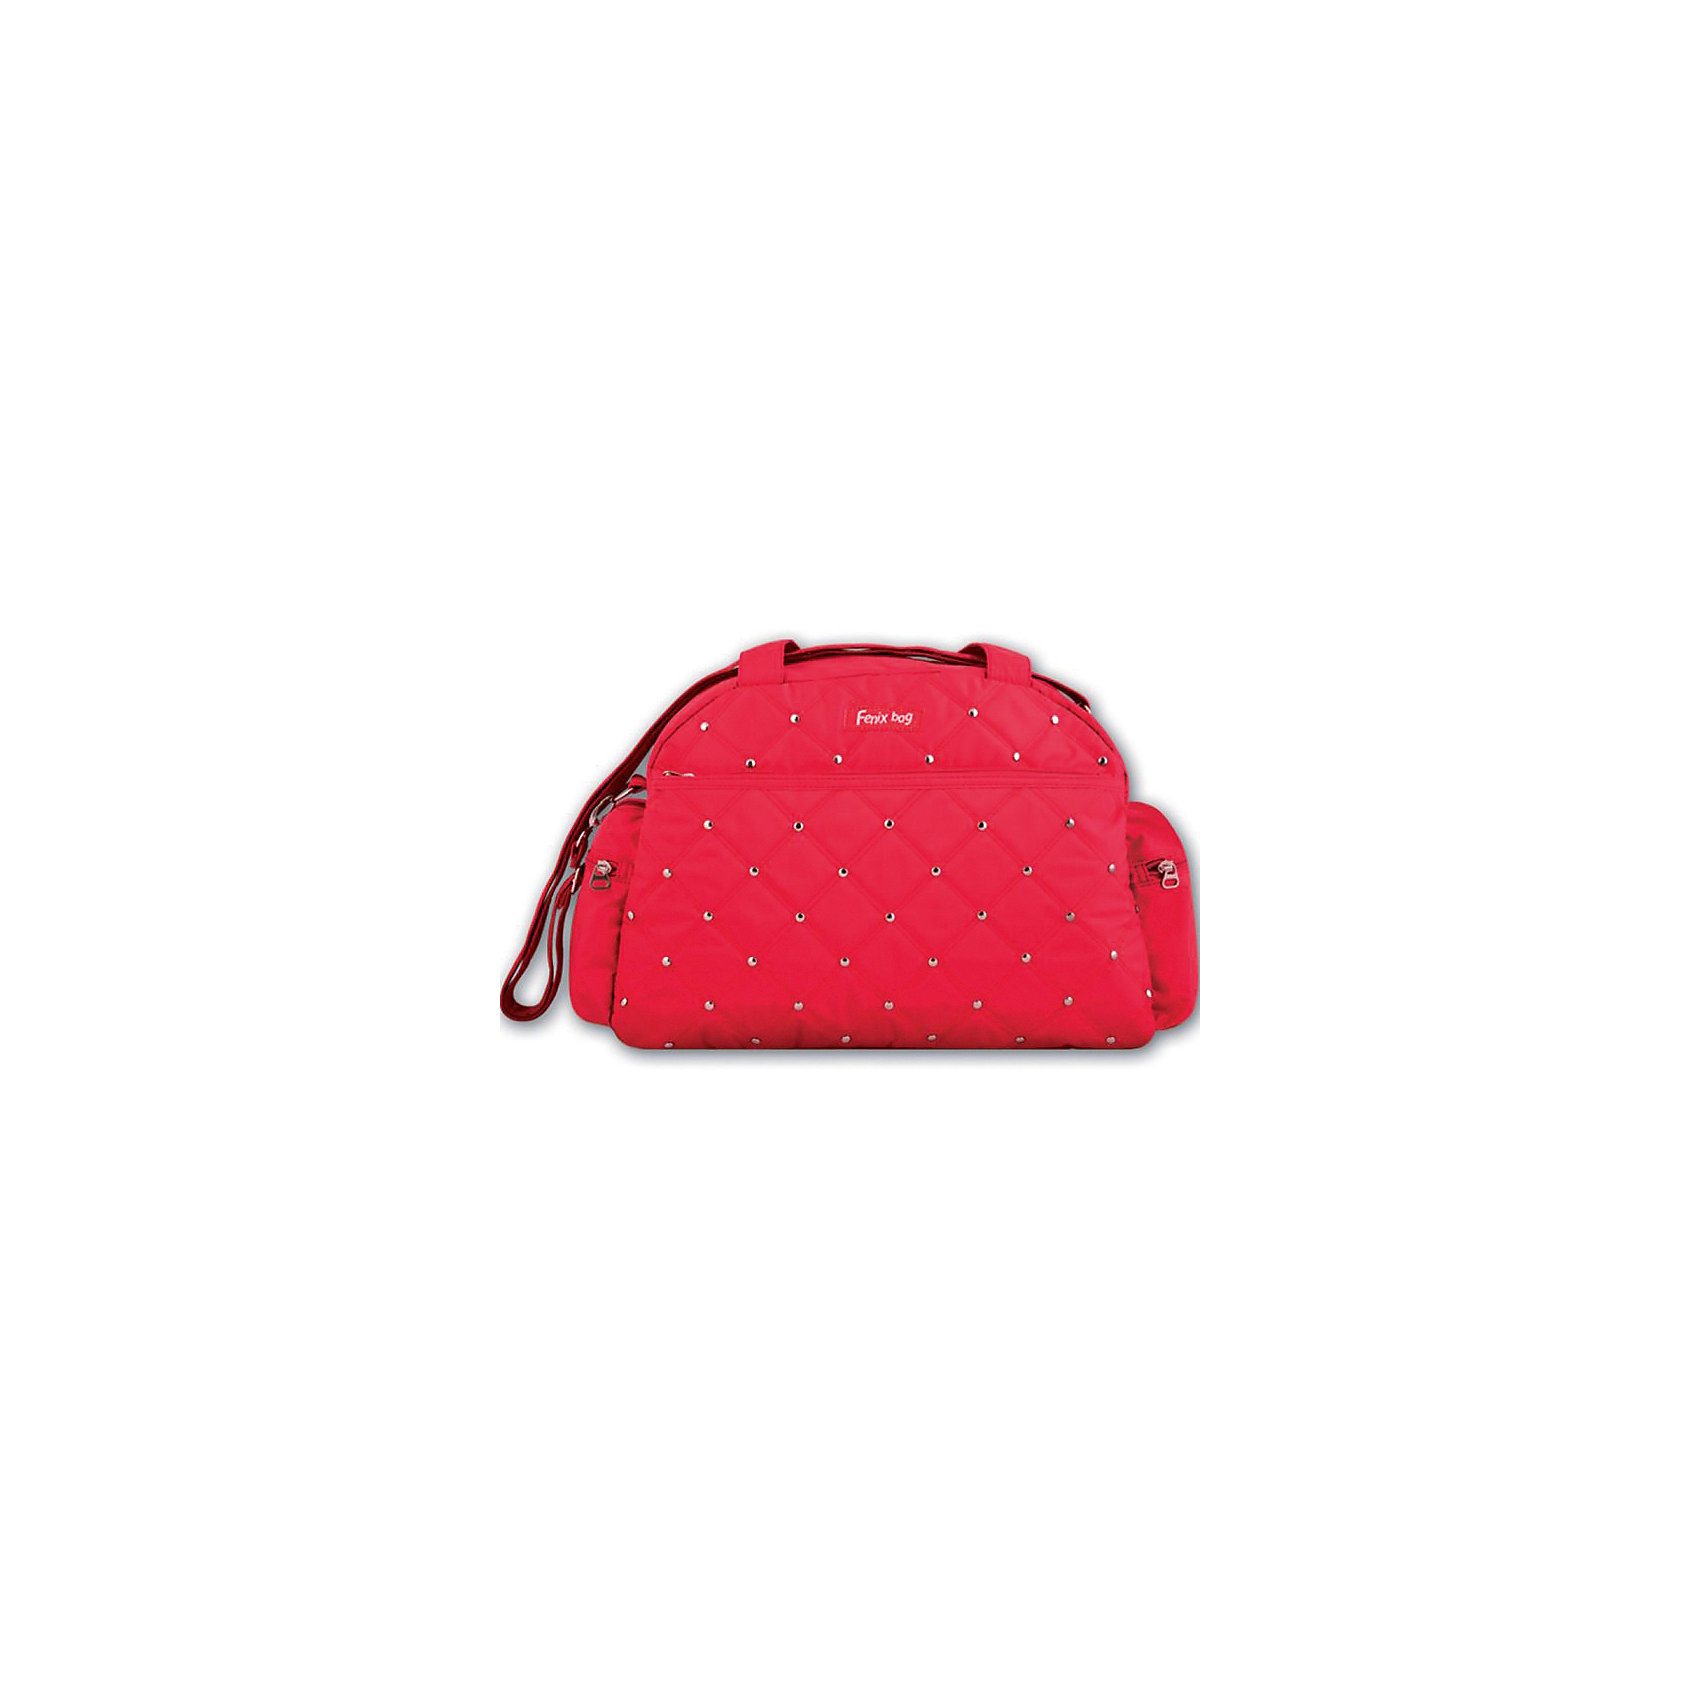 Сумка Феникс+, красная с клепкамиДетские сумки<br>Сумка д/девочек КРАСНАЯ С КЛЕПКАМИ (39х27х14см, полиэстер, метал.клепки, ручки, регулир. плечевой ремень, карманы)<br><br>Ширина мм: 390<br>Глубина мм: 270<br>Высота мм: 140<br>Вес г: 330<br>Возраст от месяцев: 72<br>Возраст до месяцев: 2147483647<br>Пол: Женский<br>Возраст: Детский<br>SKU: 7046451